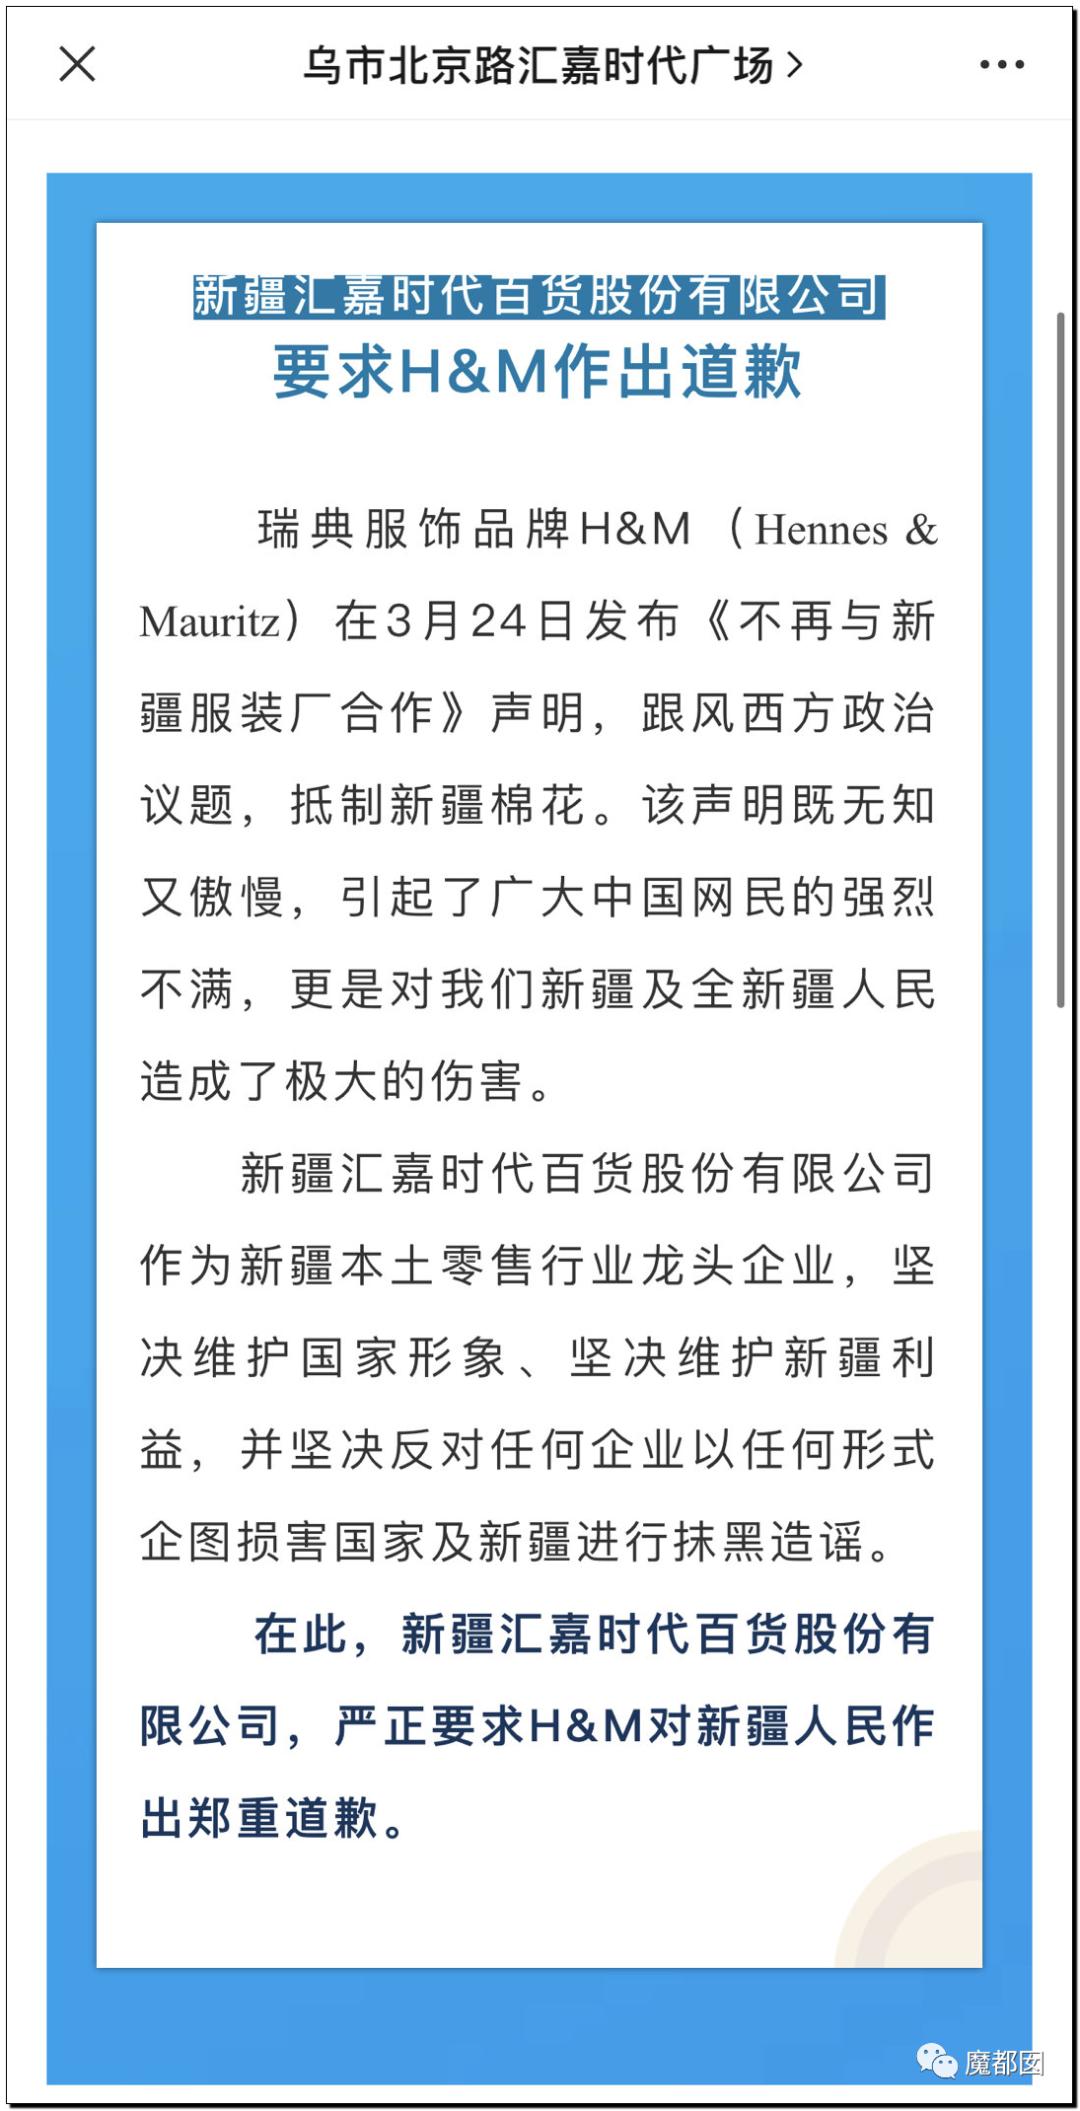 禁用新疆棉花,干涩中国内政,HM、优衣库、ZARA、耐克、阿迪达斯等引公愤76